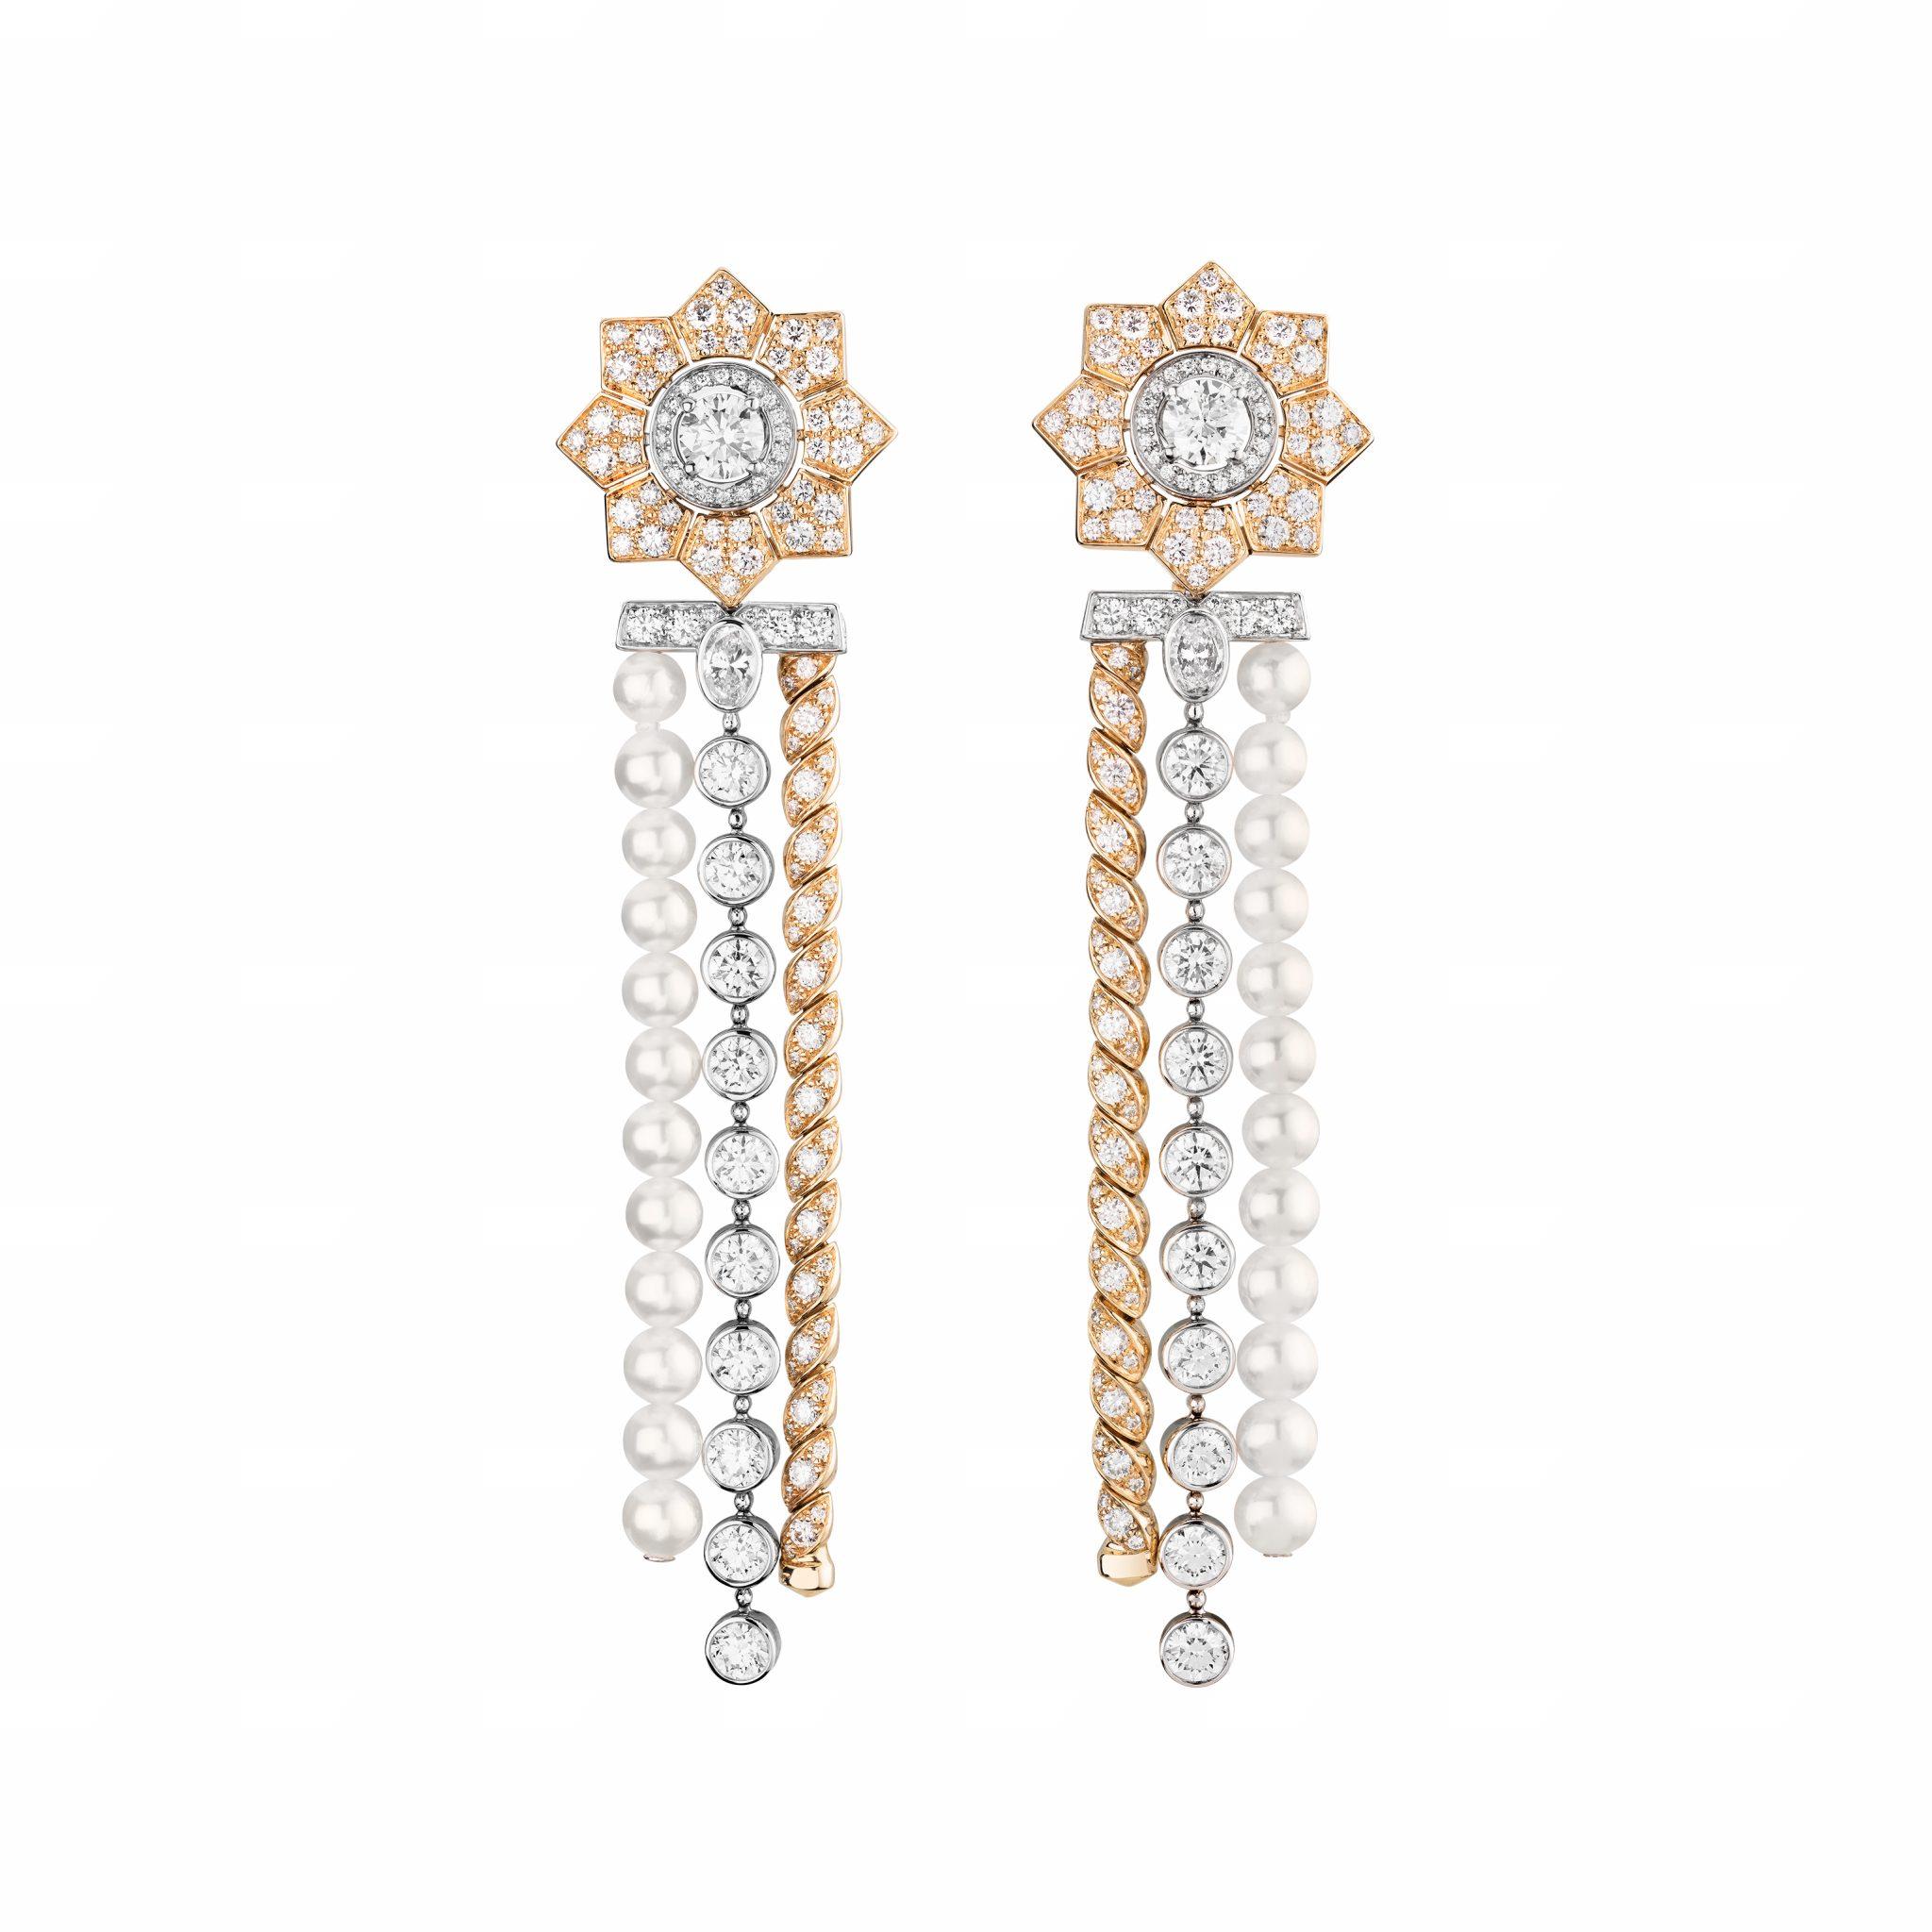 Médaille Solaire boucles d'oreilles CHANEL Esprit de Gabrielle espritdegabrielle.com